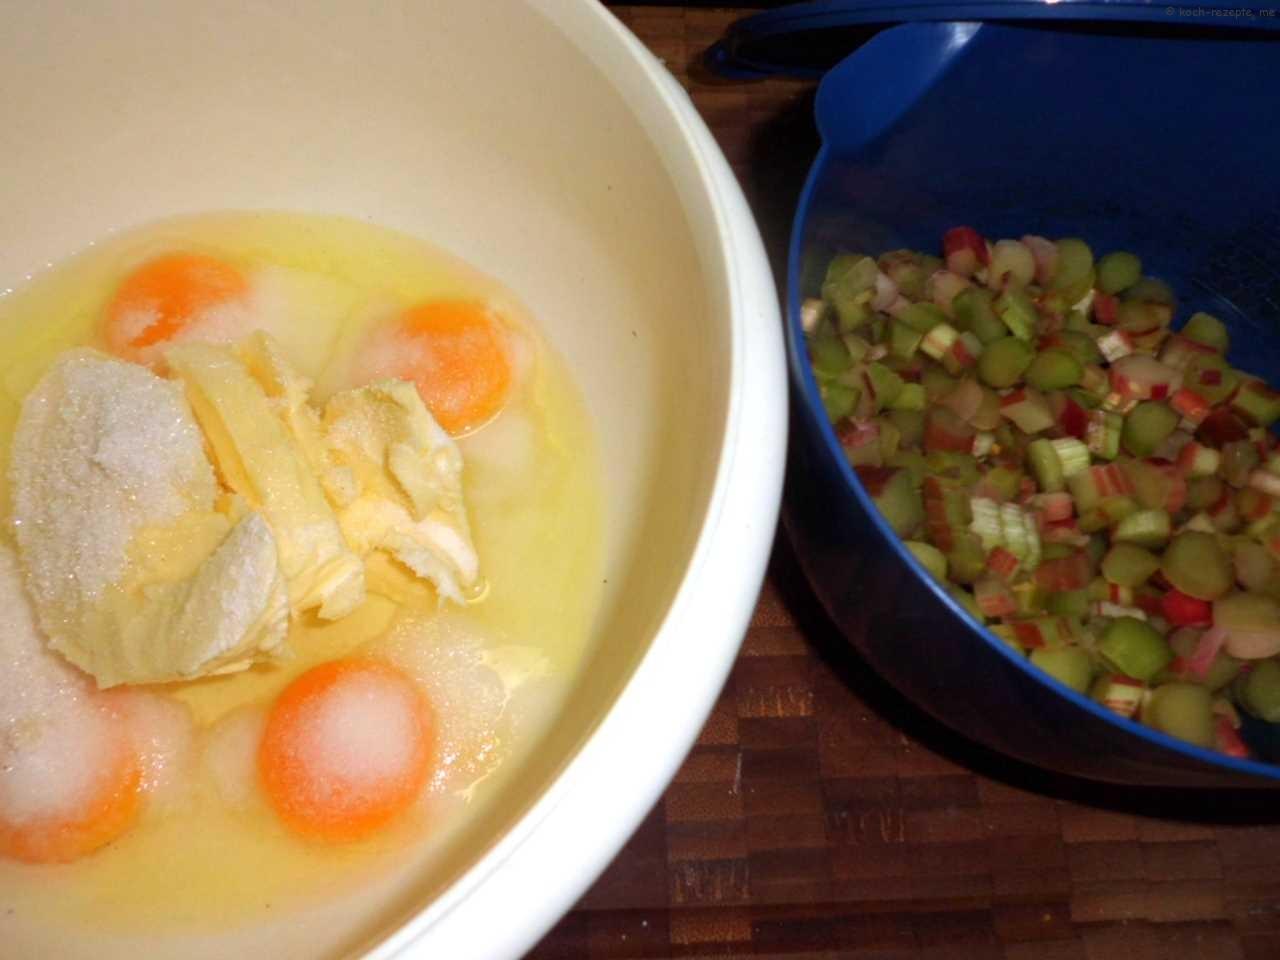 Teig herstellen: Butter Eier und Zucker schaumig rühren